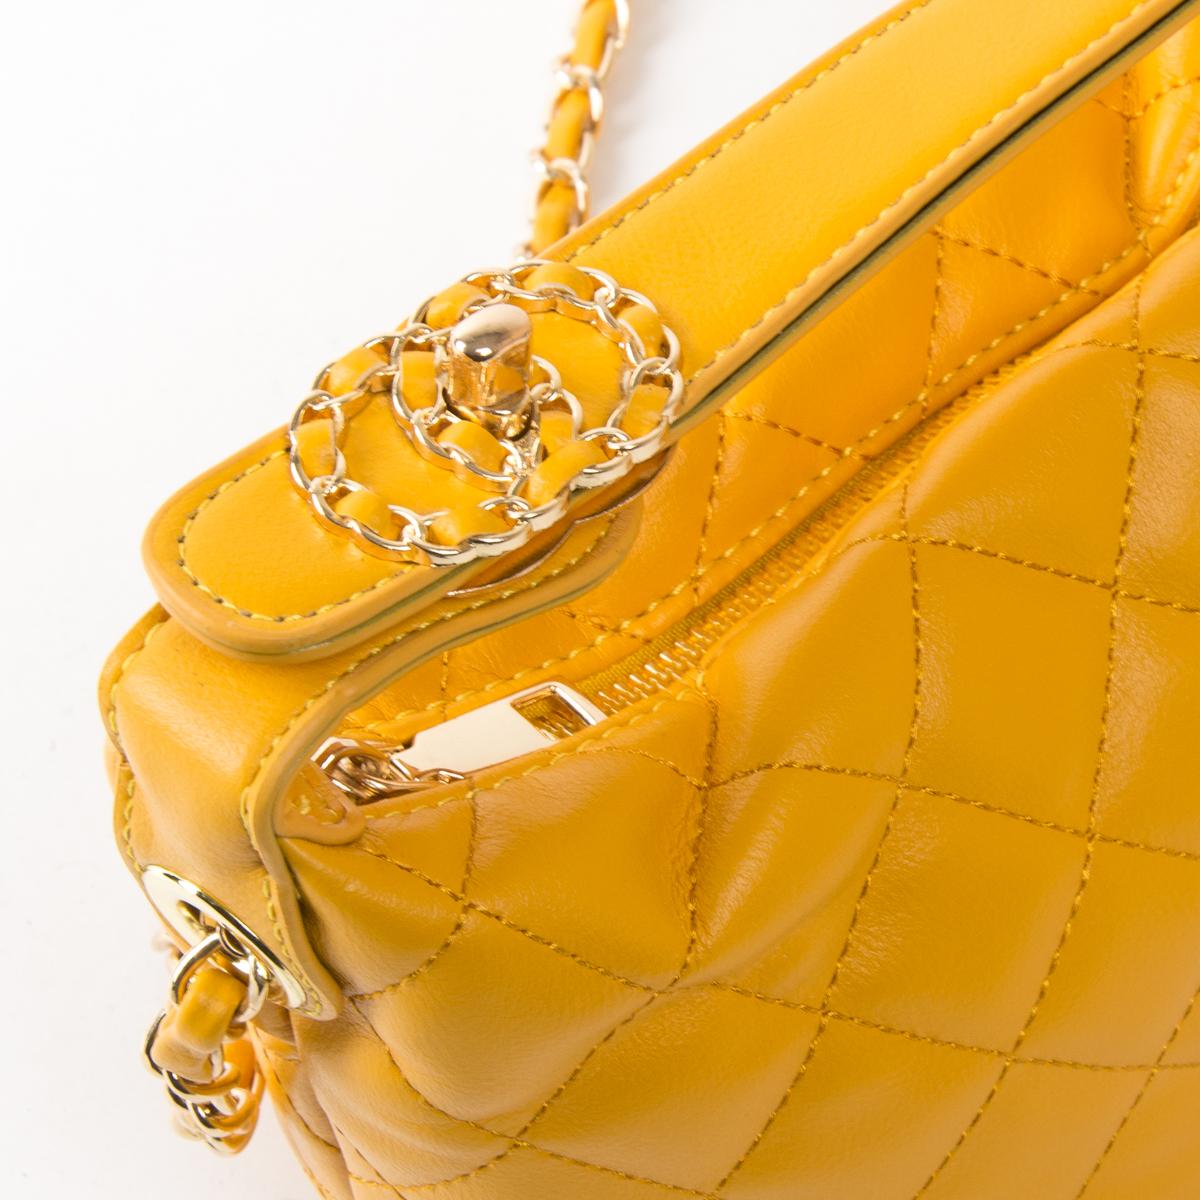 Сумка Женская Классическая иск-кожа FASHION 01-00 8669 yellow - фото 3